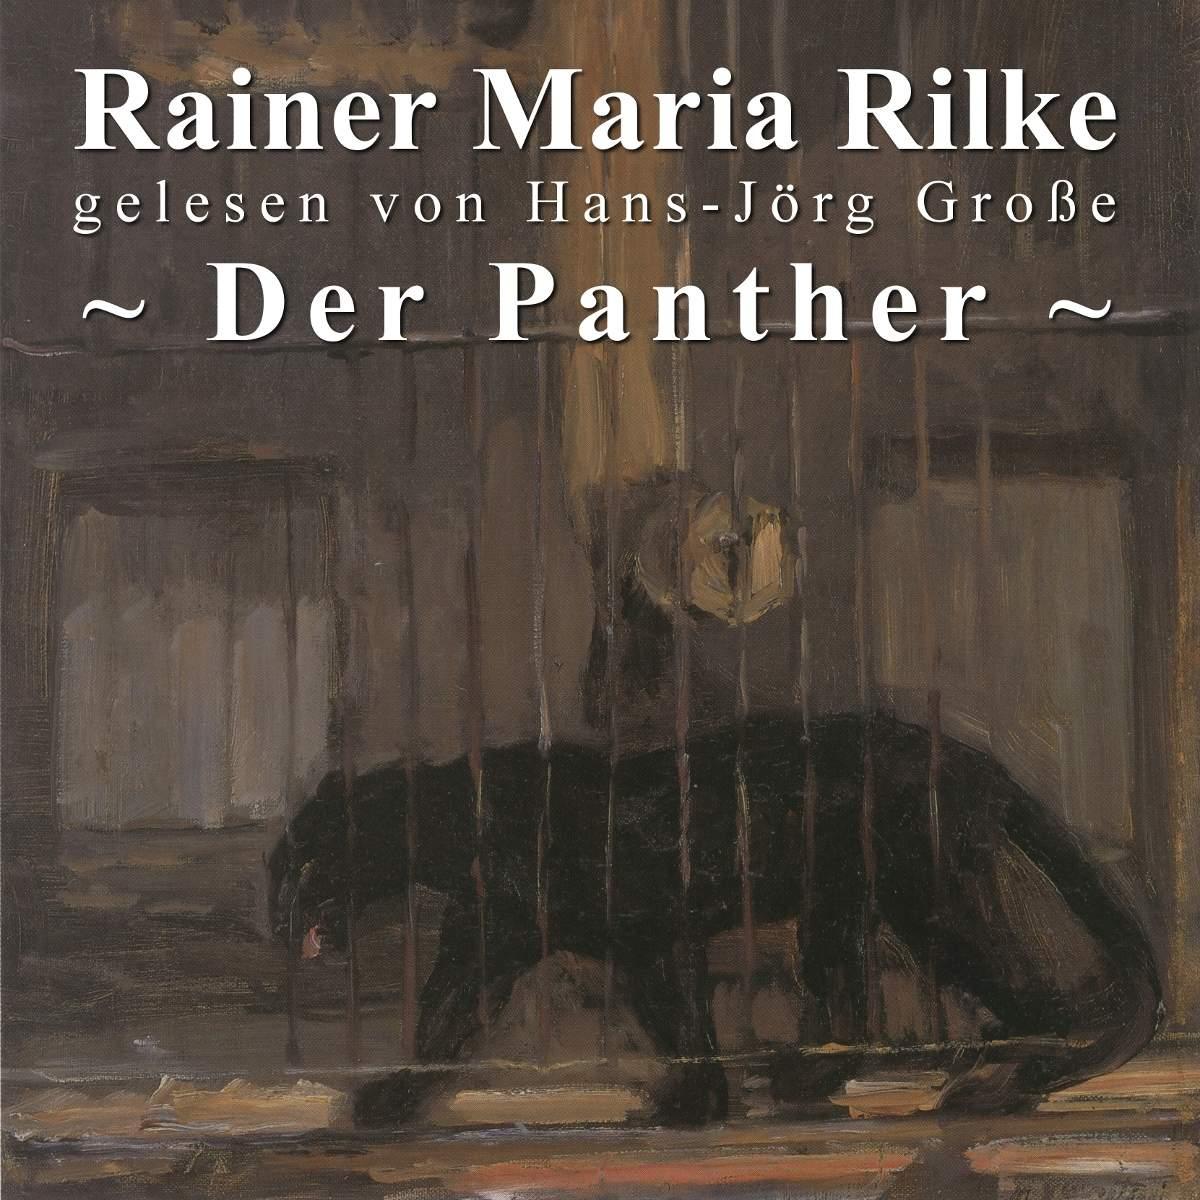 Rainer Maria Rilke ~ Der Panther gelesen von Hans-Jörg Große